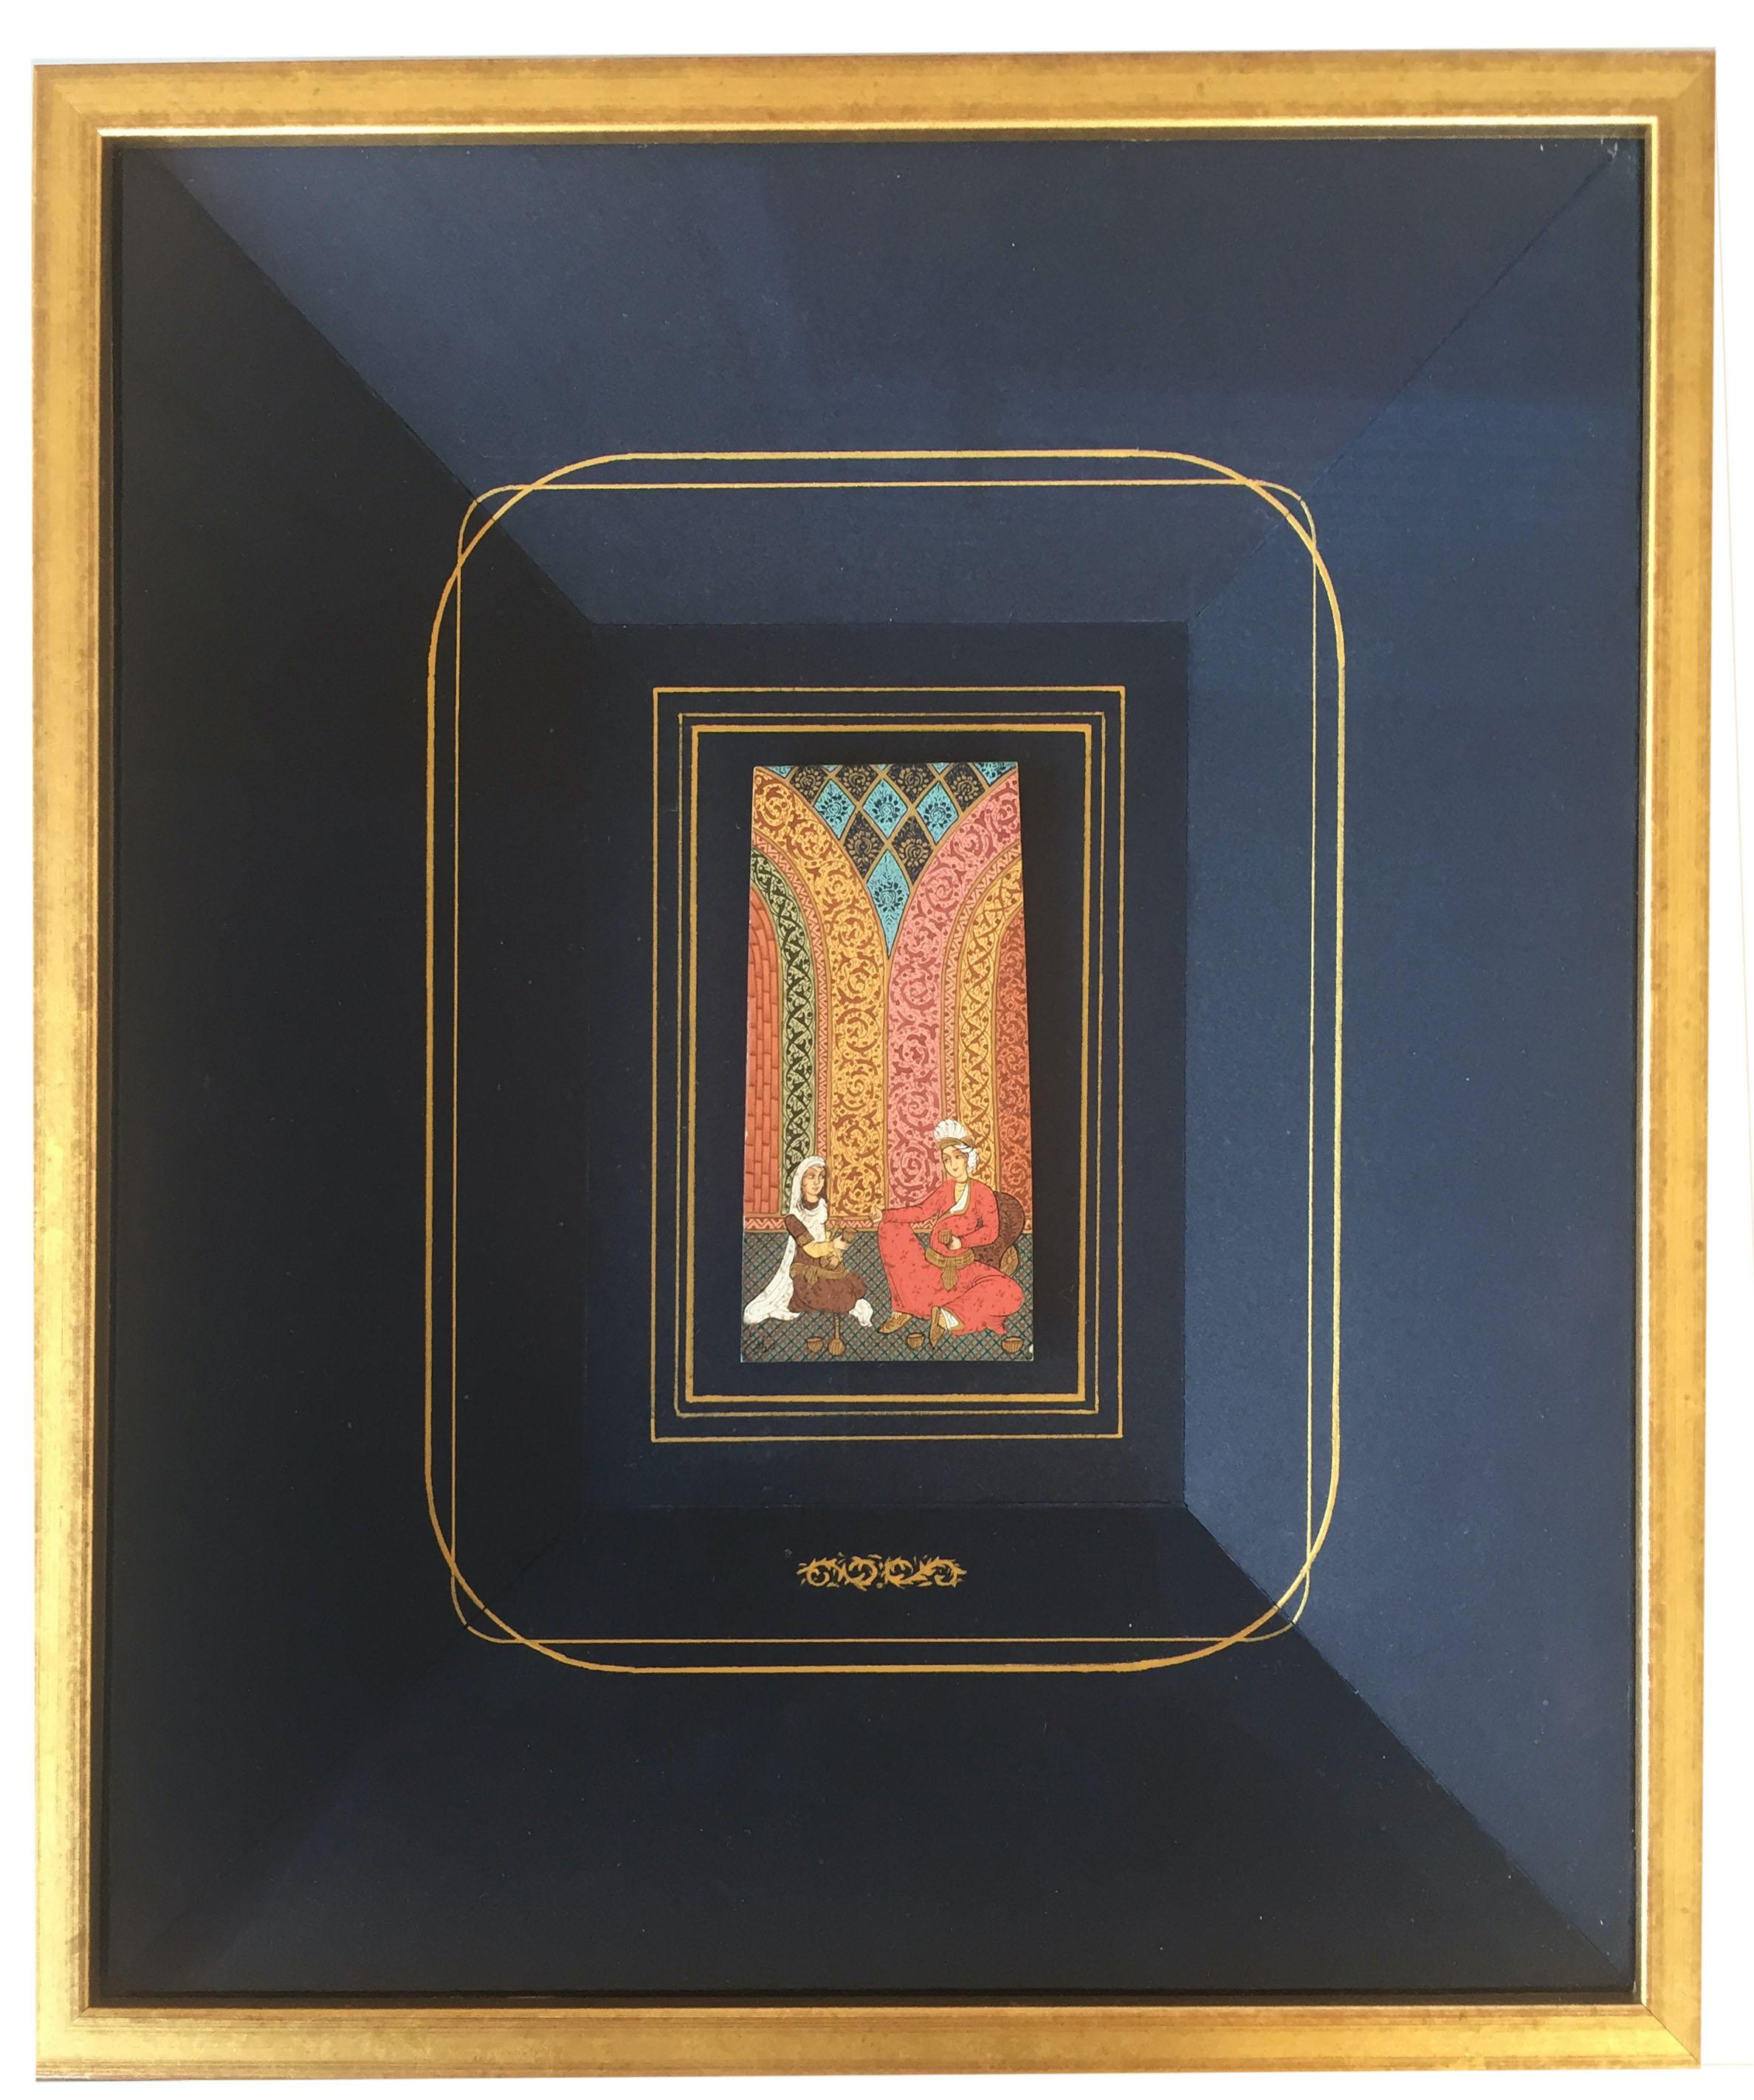 Miniature sur bois, Inde